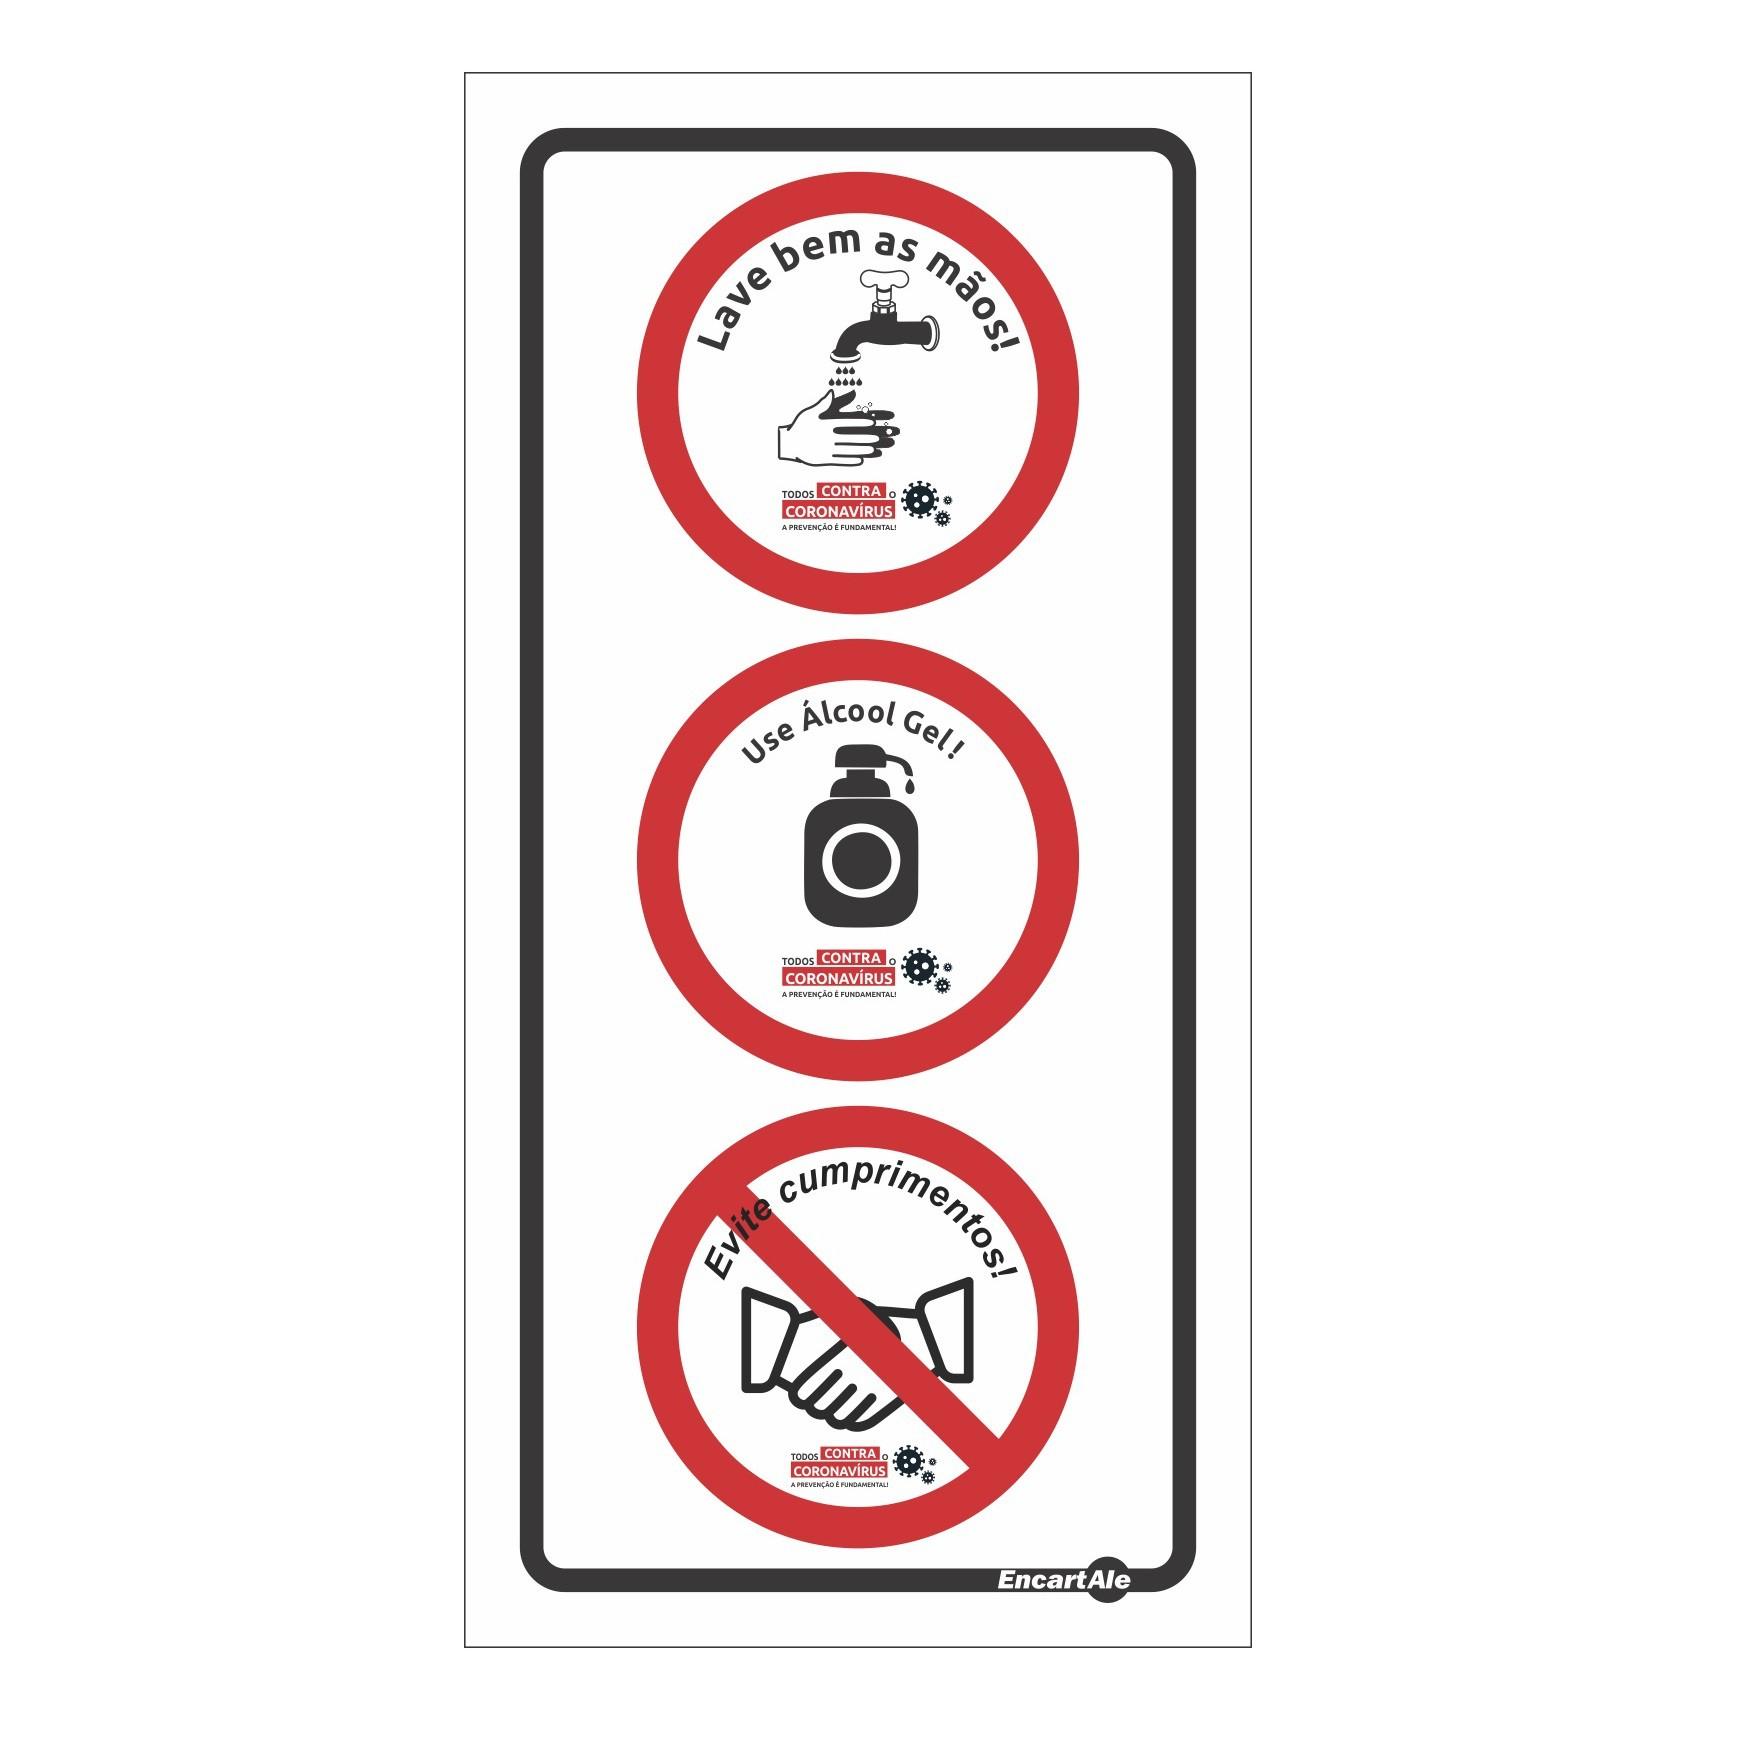 Placa Atenção! Lavar As Mãos/Álcool Gel/Não Cumprimentar SB79 (20x10cm)